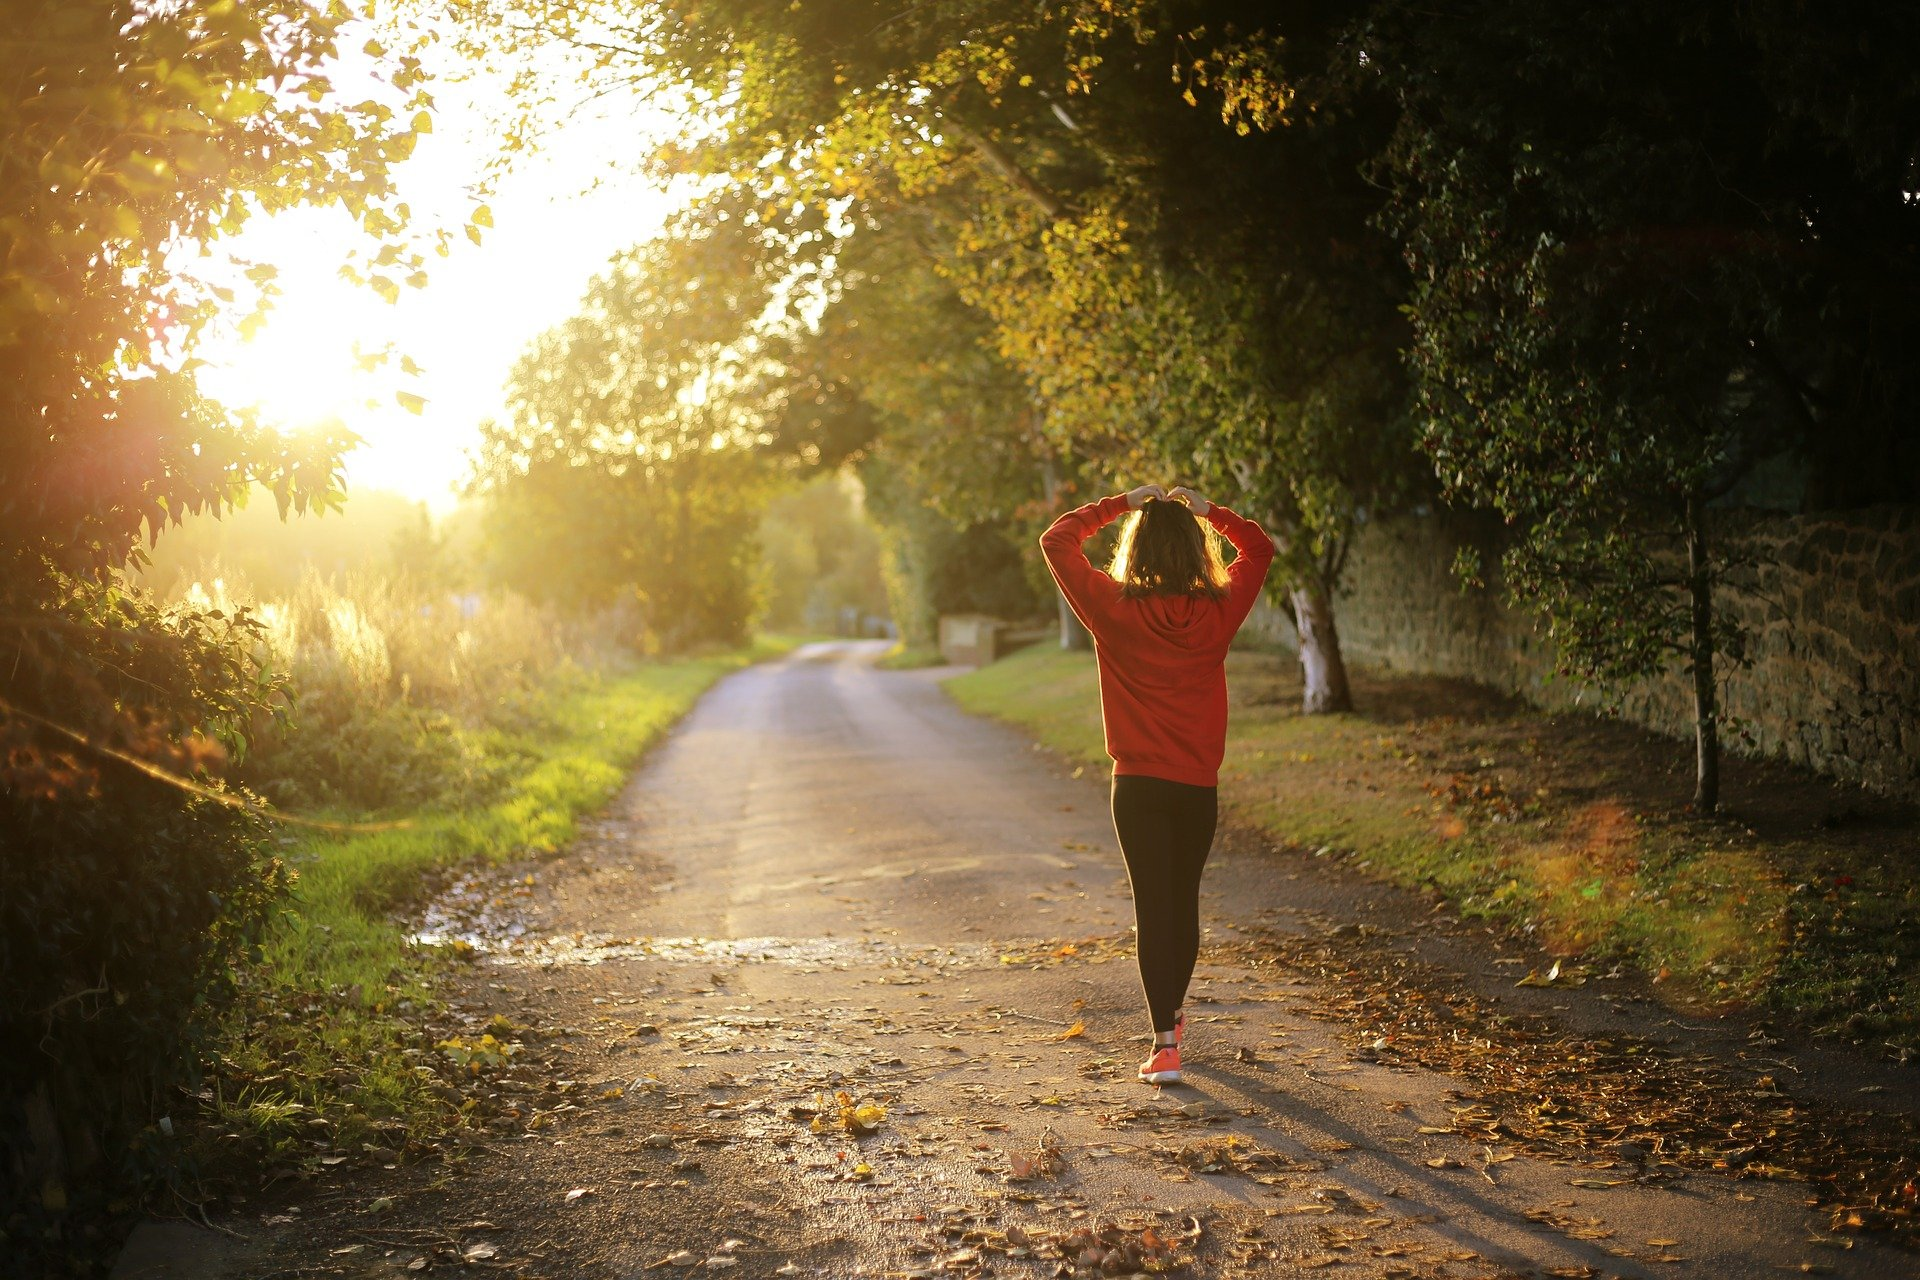 Einfluss von physischer Aktivität auf die psychologische Gesundheit